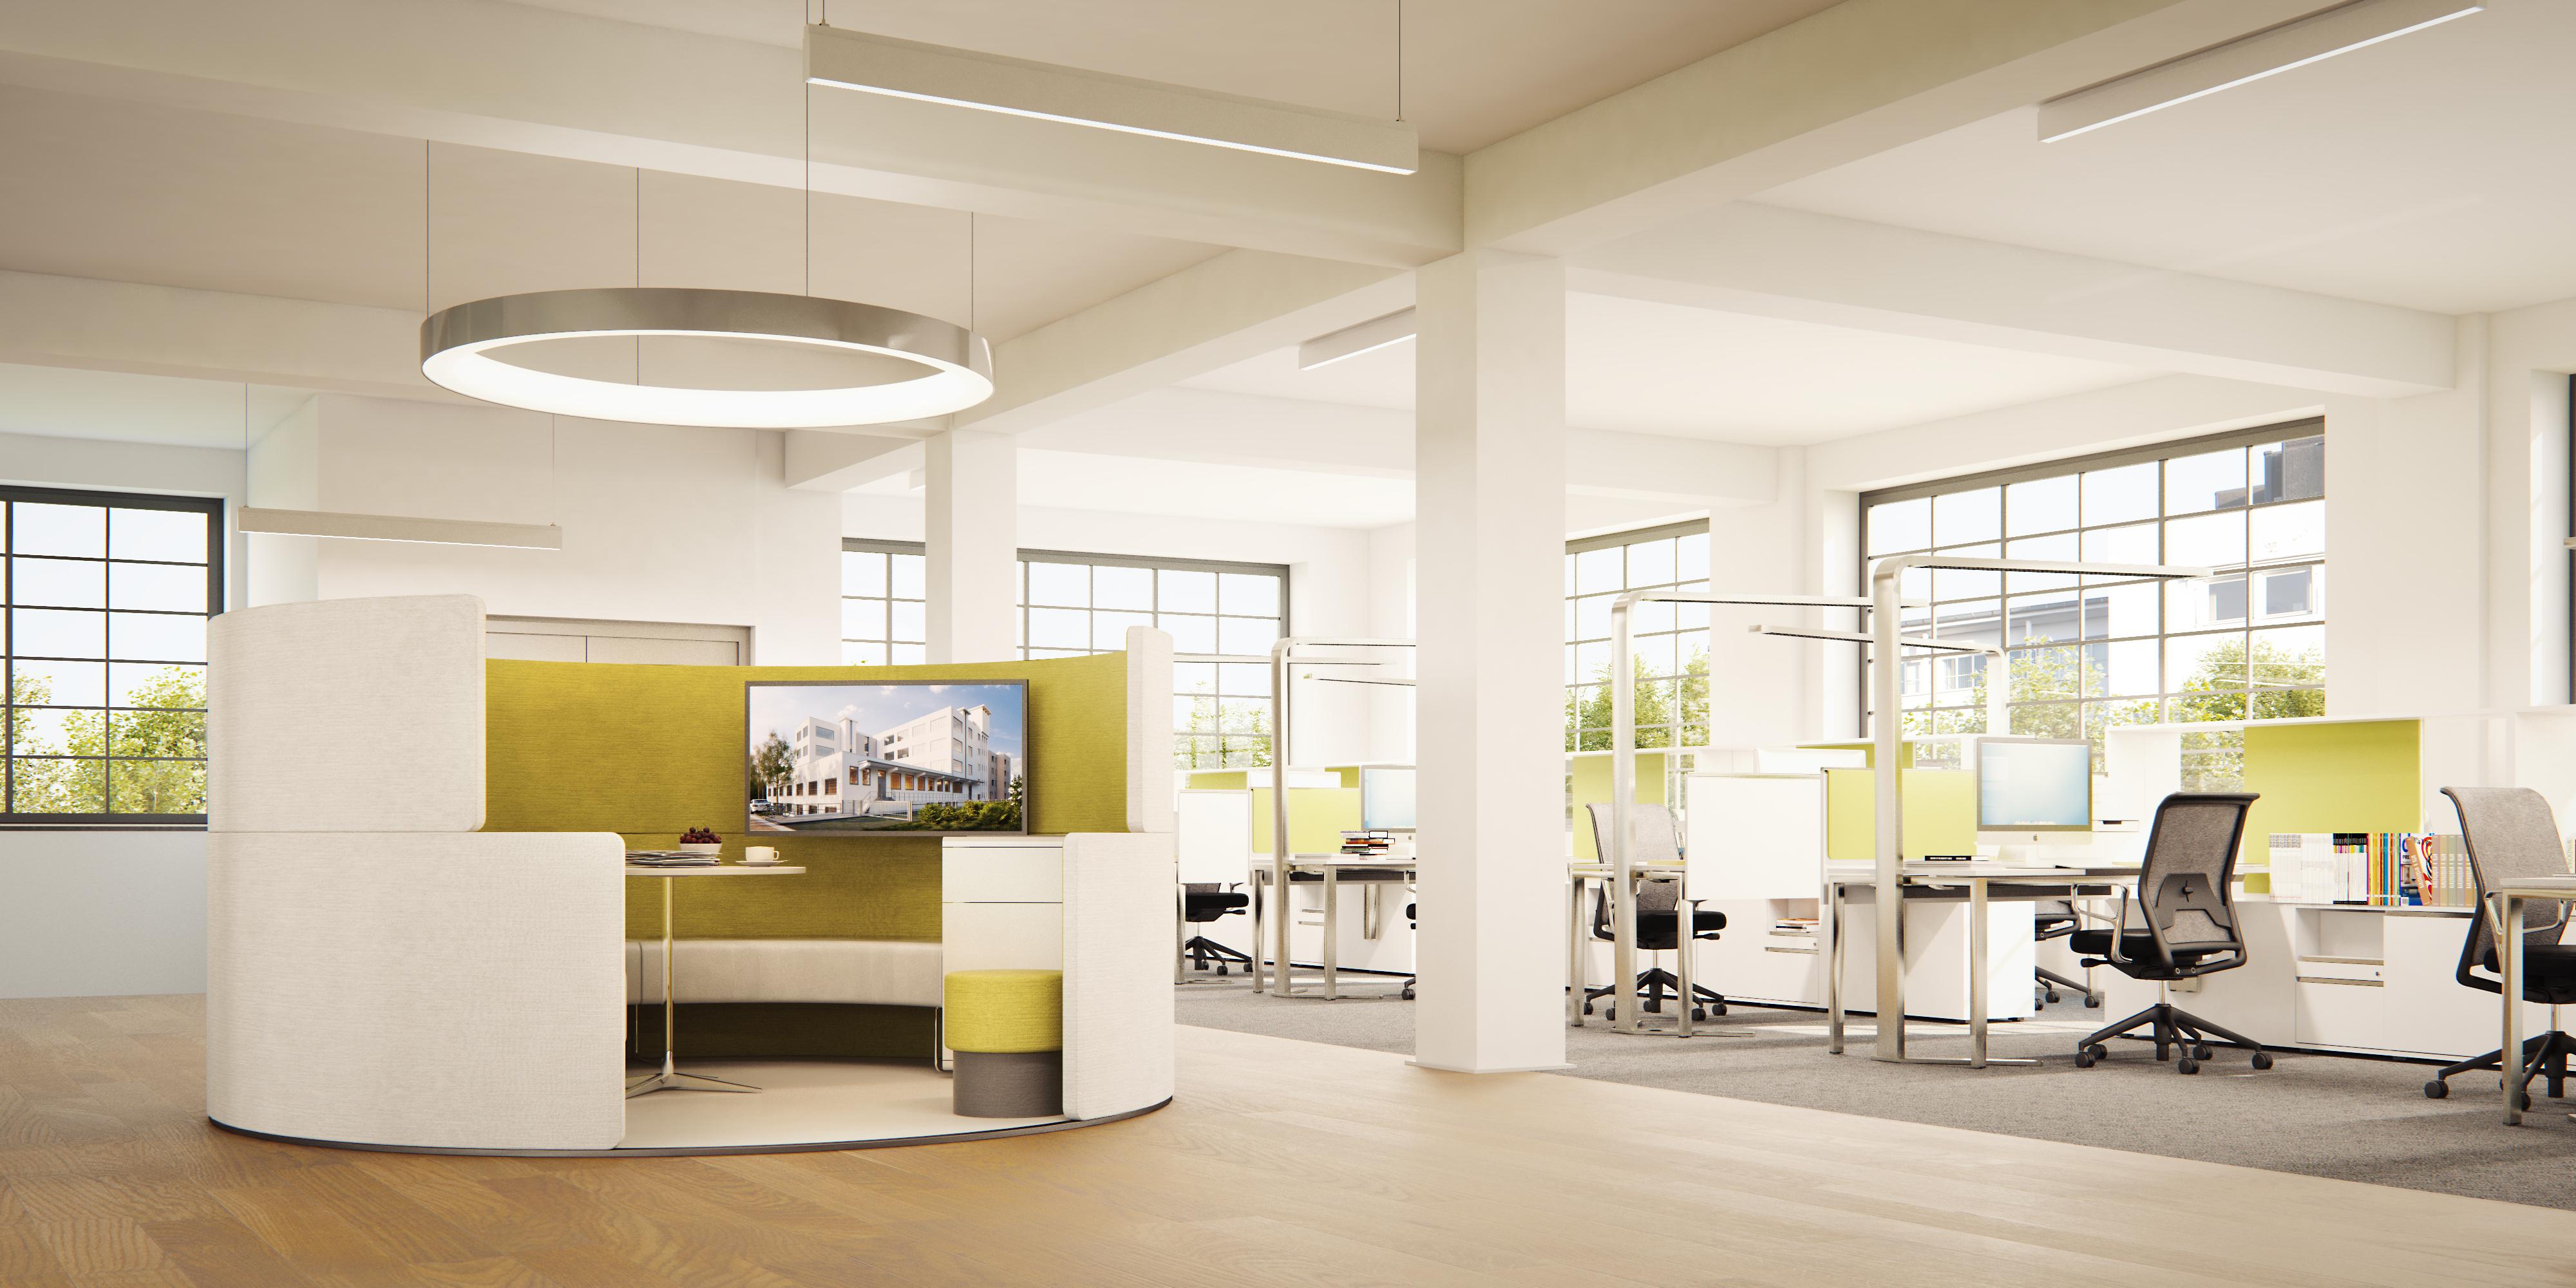 Einzel-, Team- und Großraumbüros